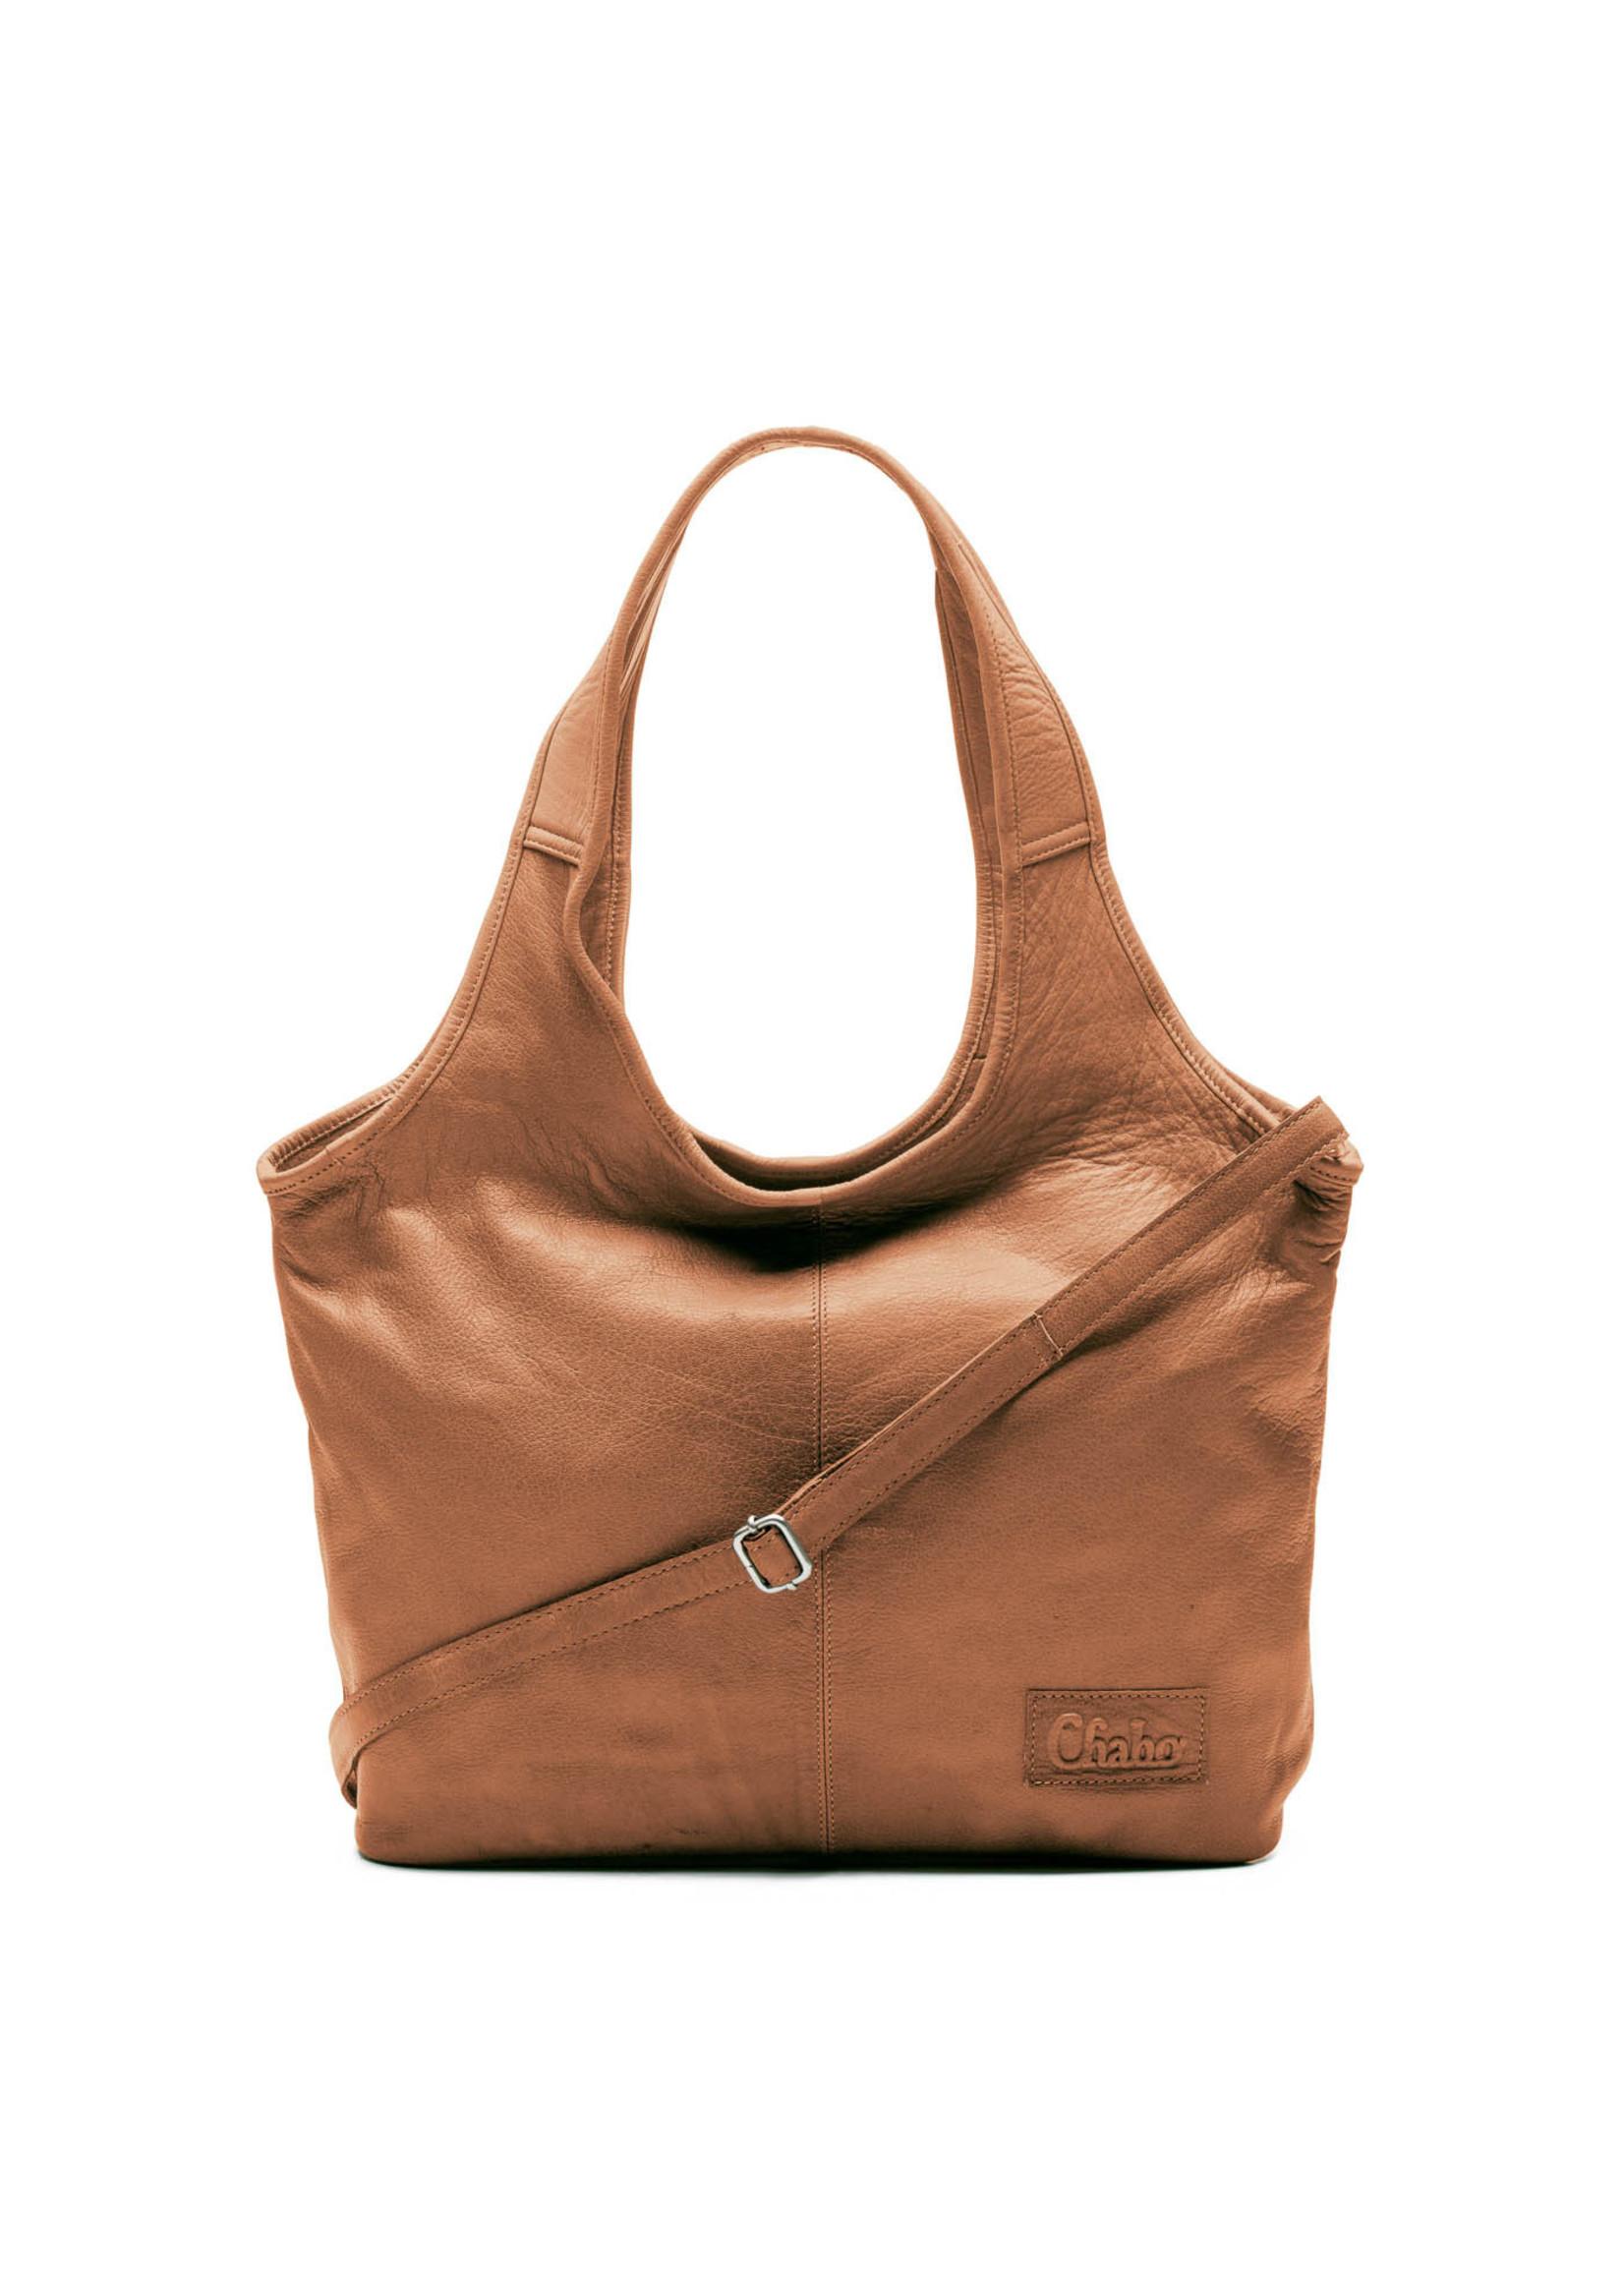 Chabo Bags Beauty shopper Camel